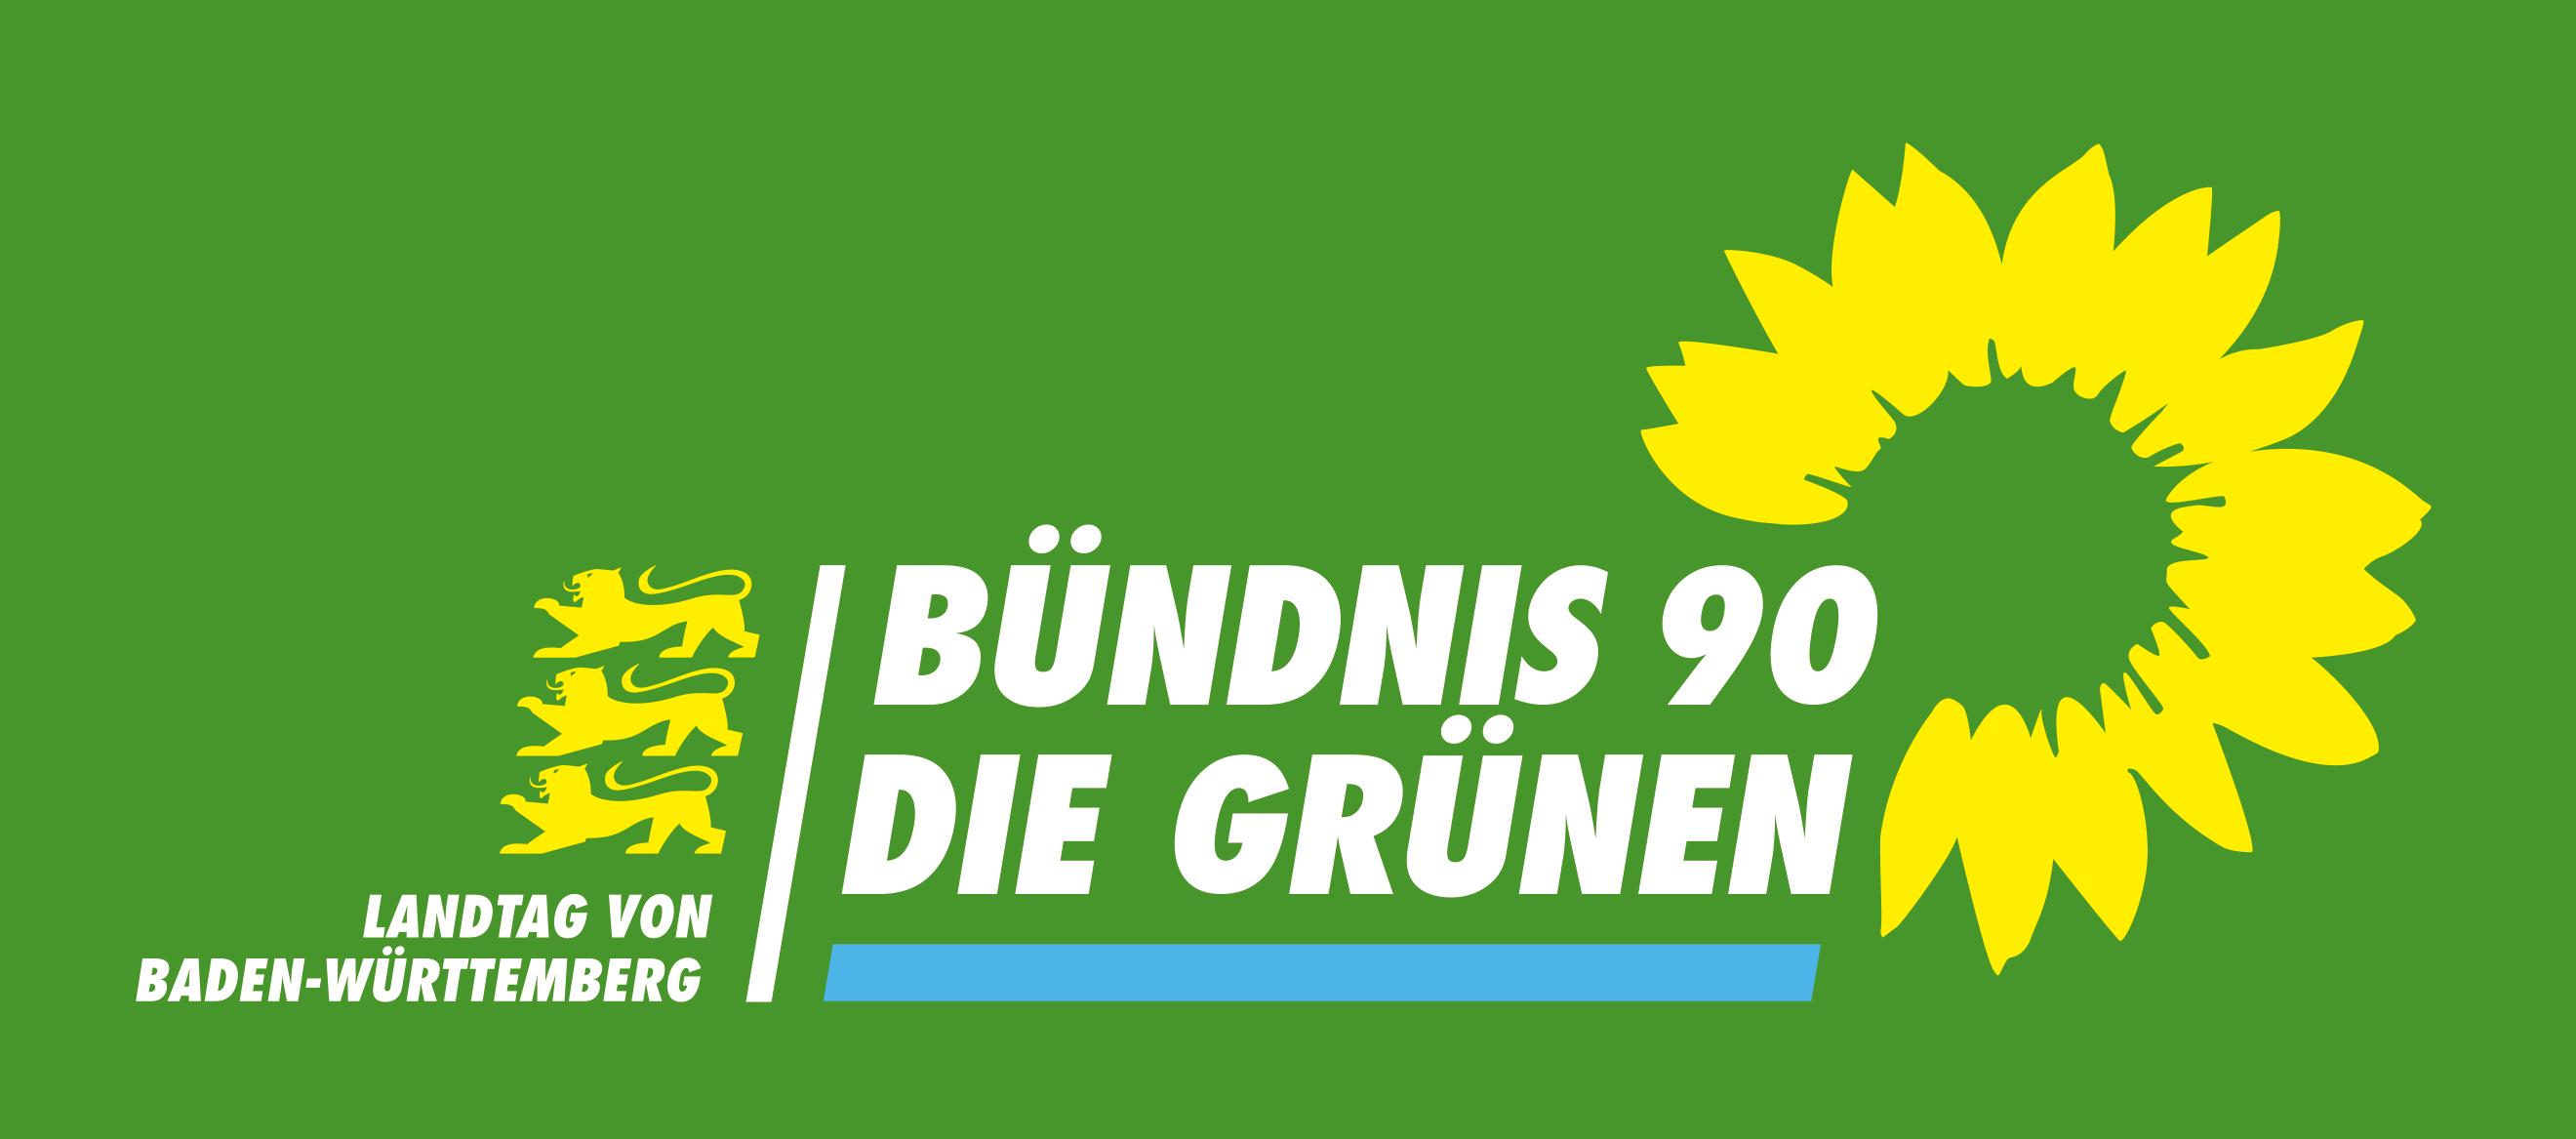 Breitbandförderung im Landkreis Sigmaringen und Zollernalbkreis